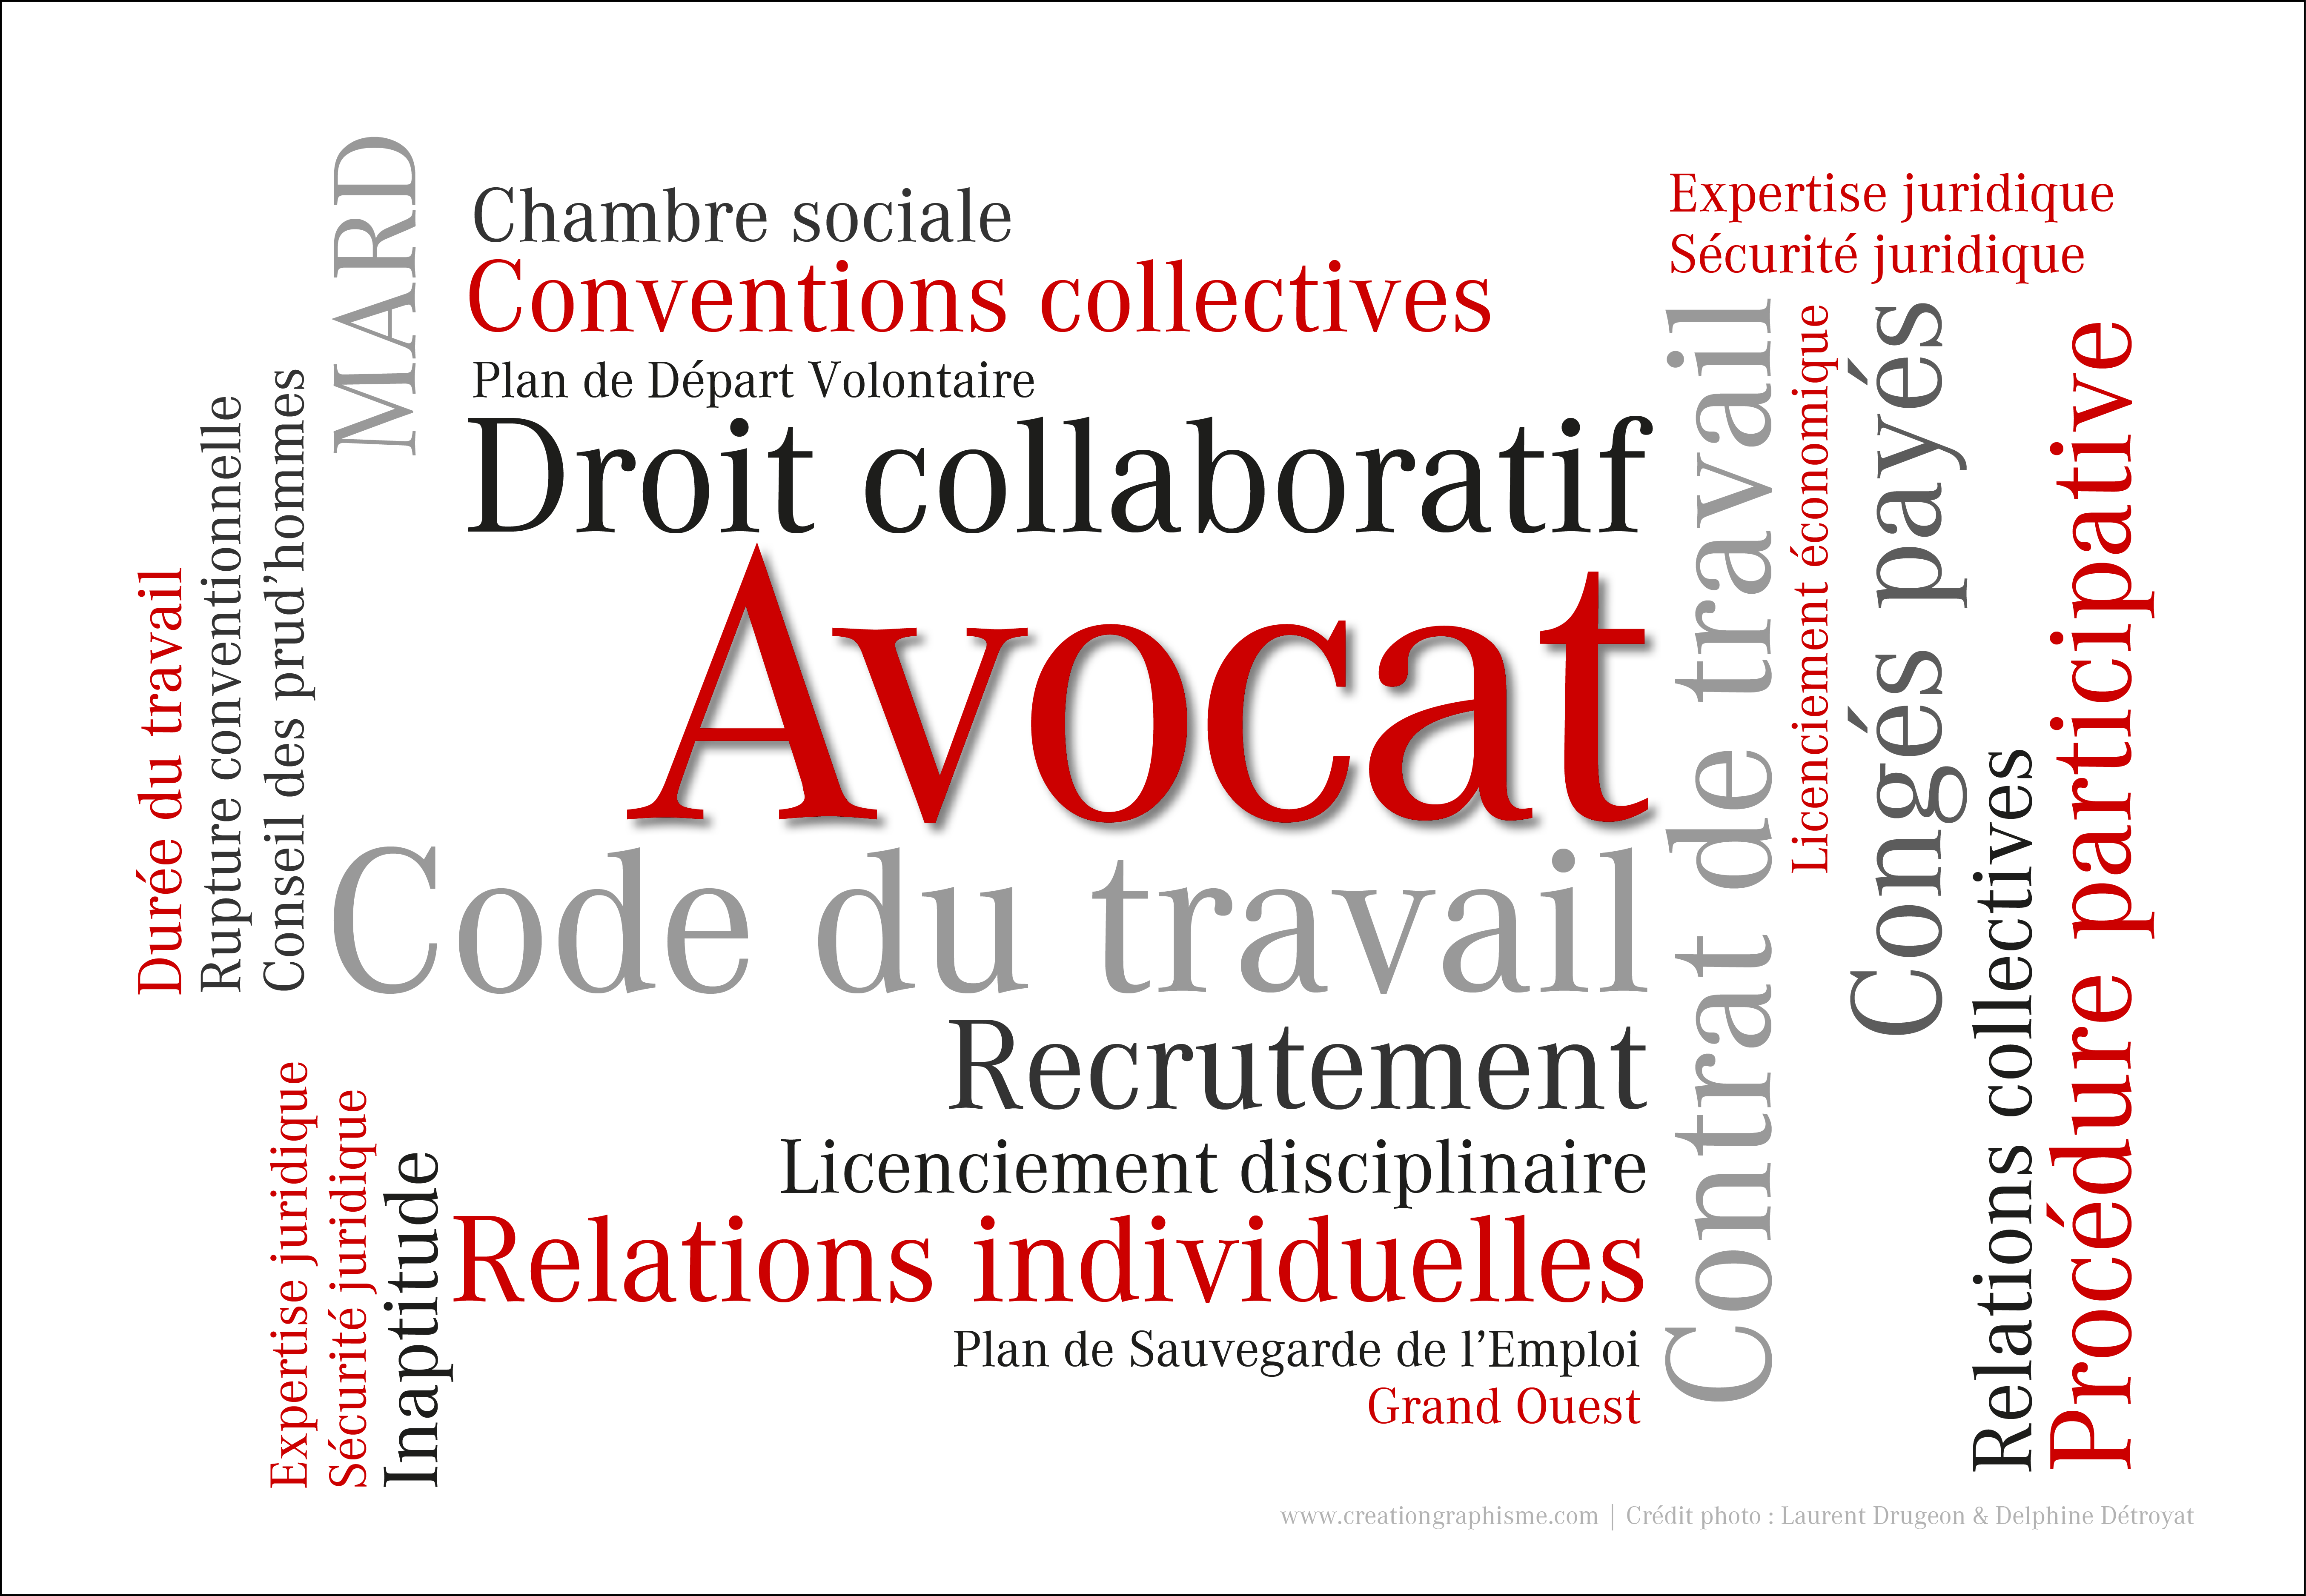 Nuage de mots clés autour de la profession d'Avocat selon Laurent Drugeon | Avocat conseil